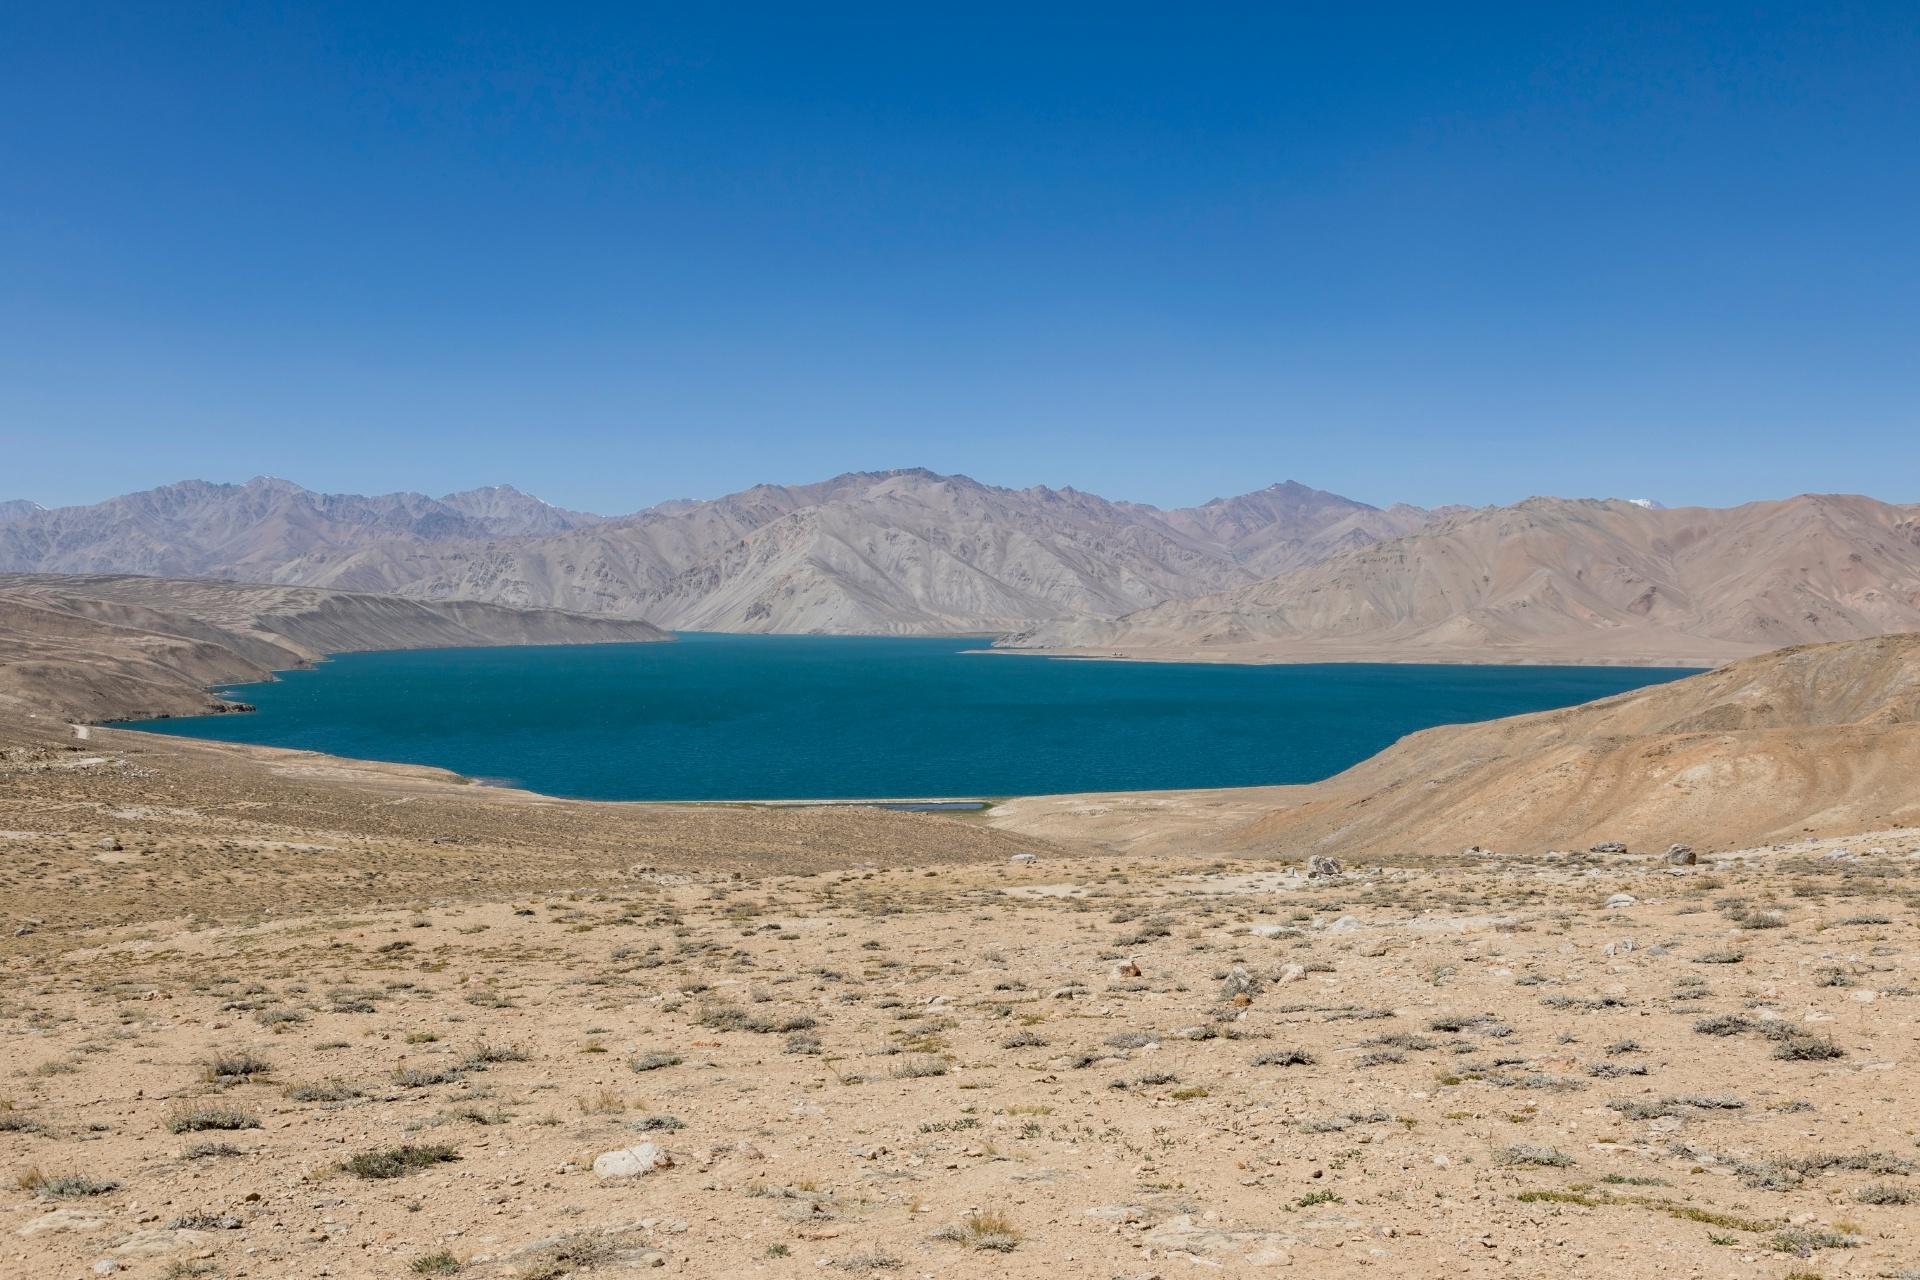 ヤシクル湖の風景 タジキスタンの風景